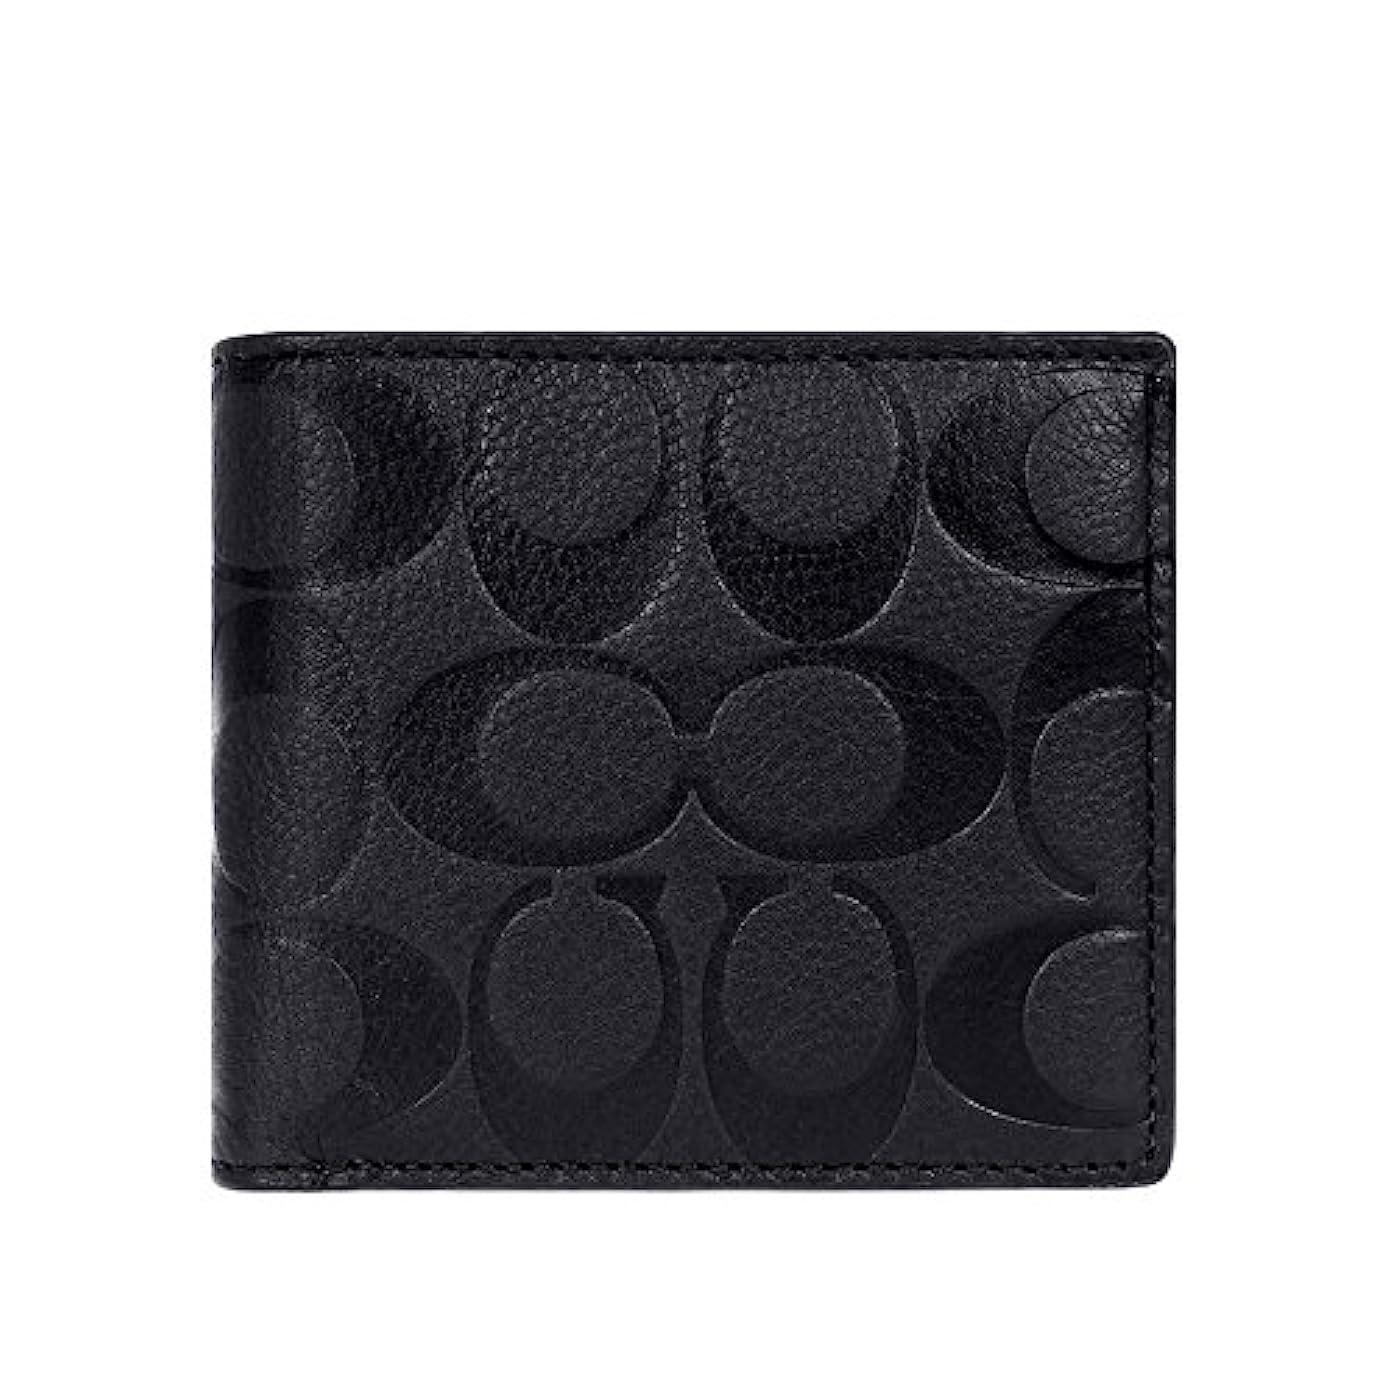 おしゃれな原油荒涼とした[コーチ] COACH 財布 (二つ折り財布) F75005 ブラック BLK シグネチャー 二つ折り財布 メンズ [アウトレット品] [並行輸入品]